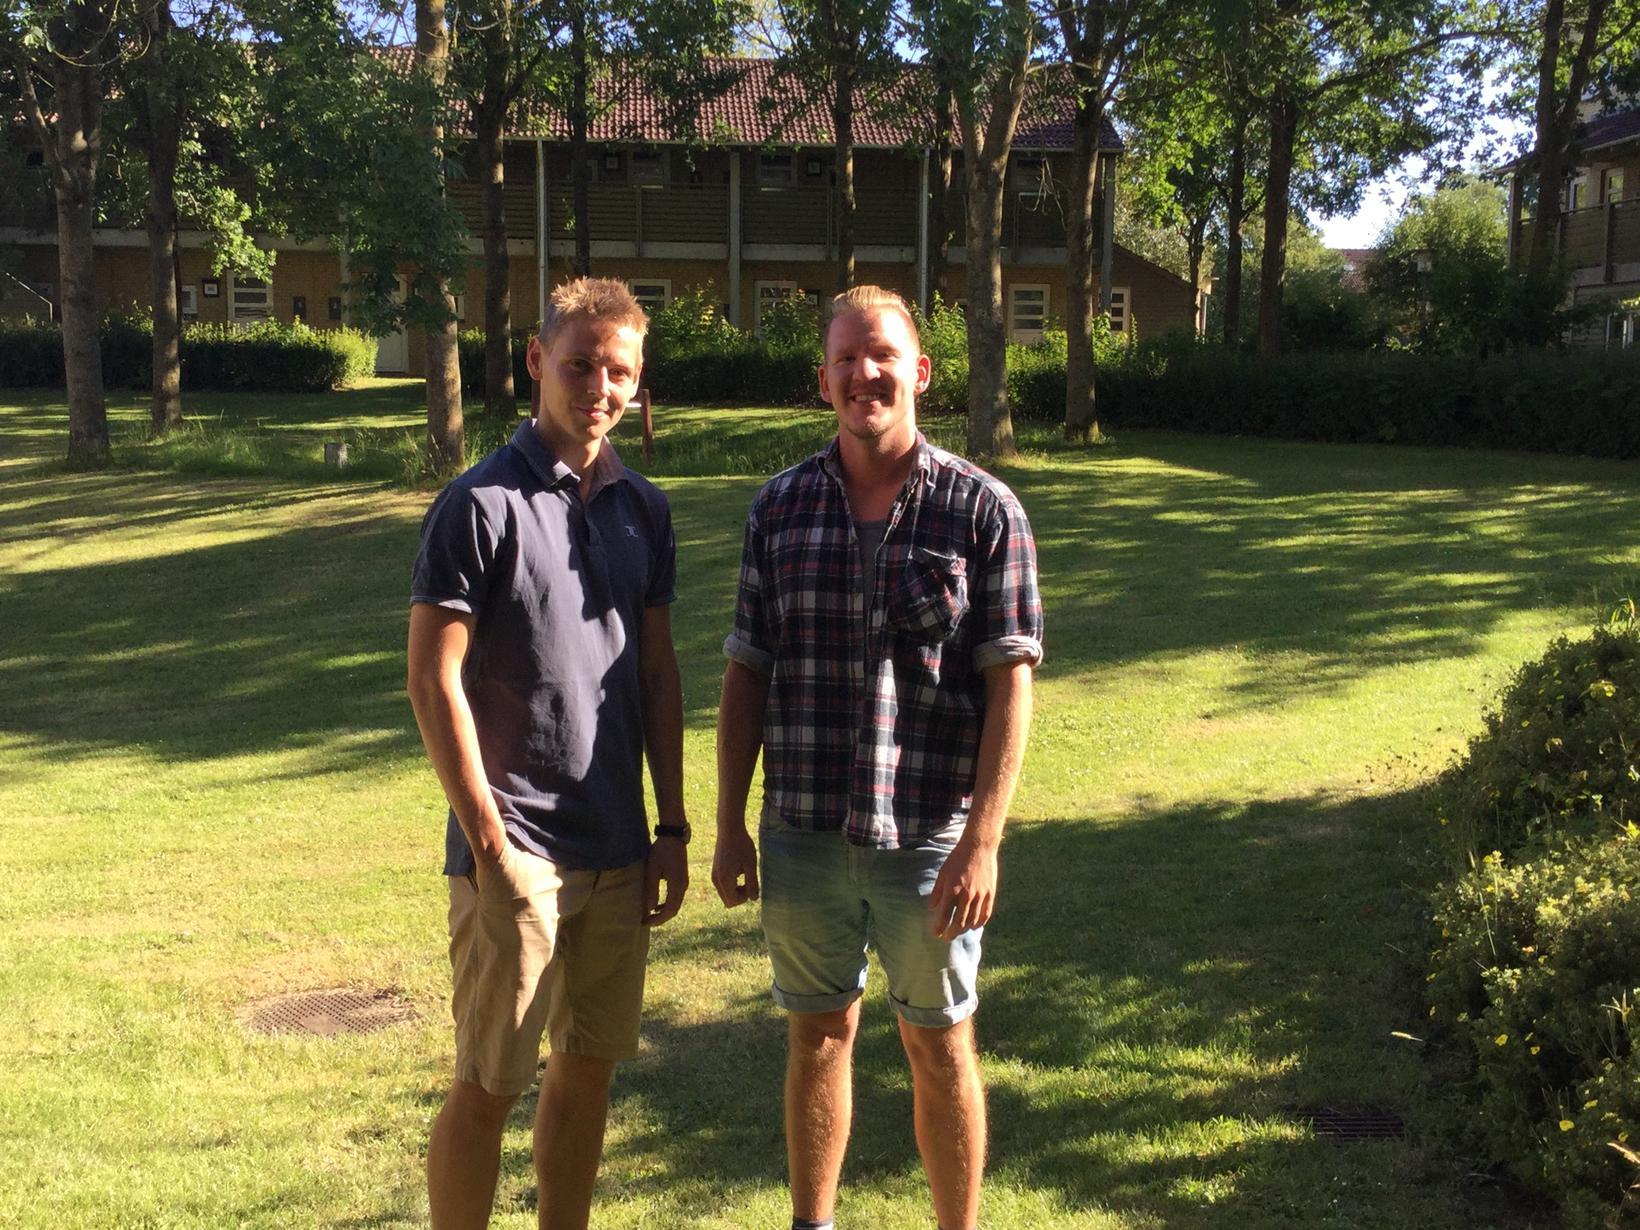 Mikkel & Rico from Slagelse, Denmark